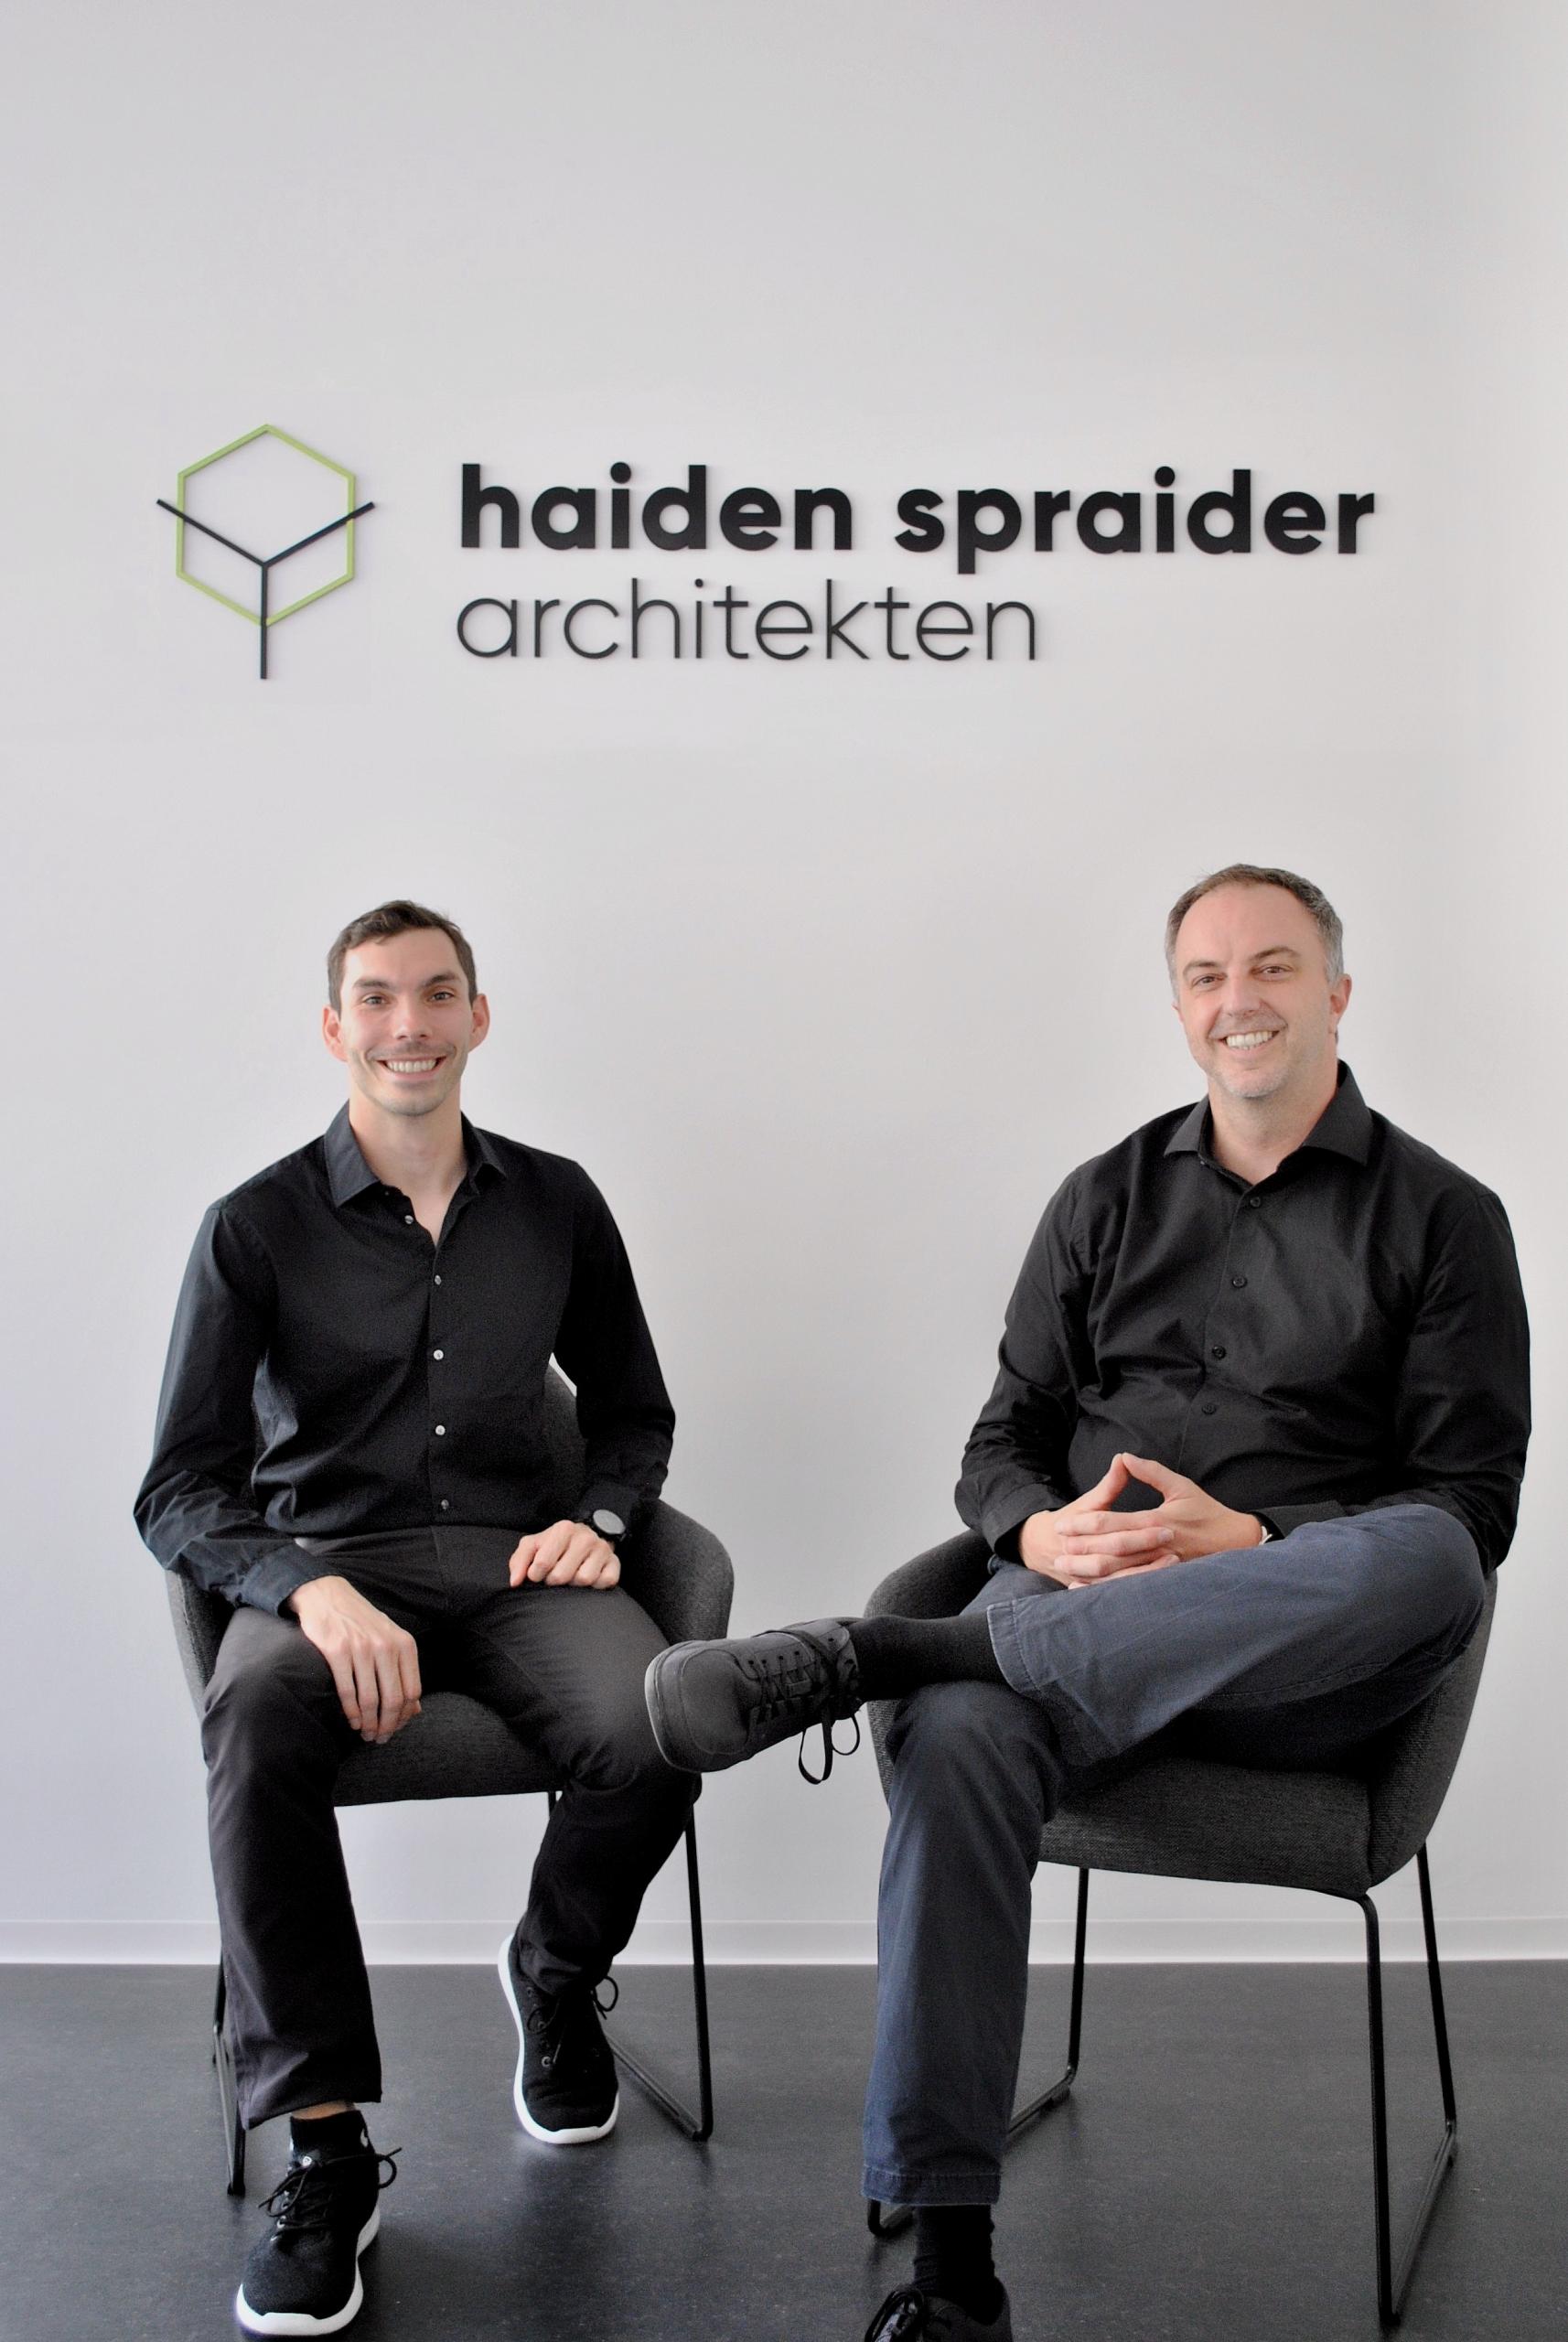 Teamfoto haiden spraider architekten